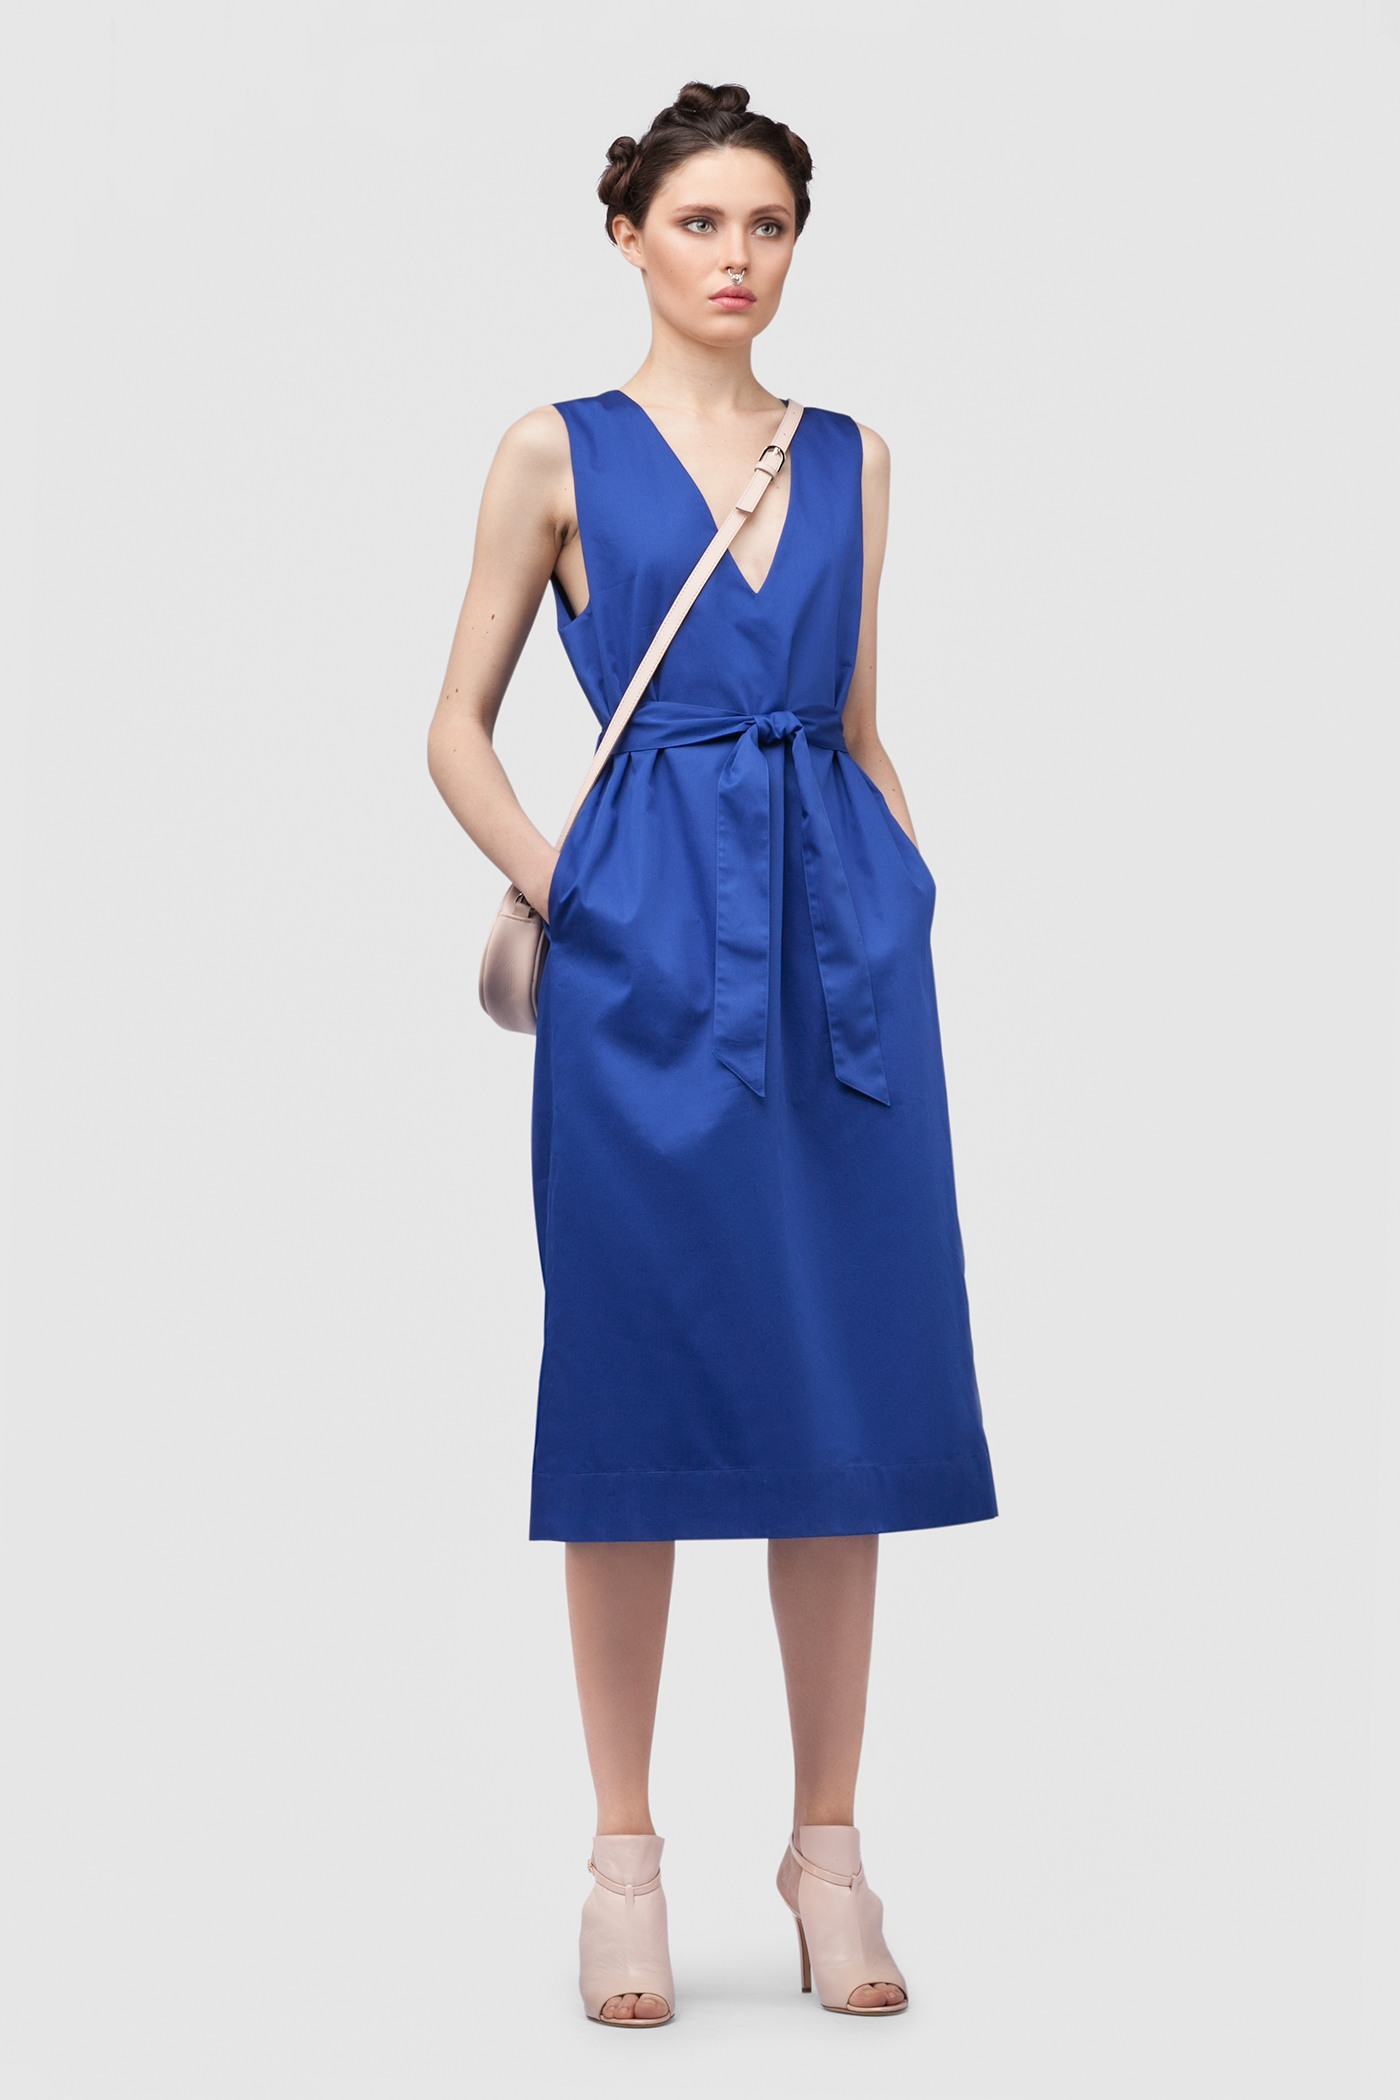 ПлатьеПлатье средней длины прямого силуэта из хлопка с глубоким V-образным вырезом. Драпируется с помощью тканного пояса.&#13;<br>&#13;<br>&#13;<br>без рукавов&#13;<br>&#13;<br>имеет карманы в боковых швах&#13;<br>&#13;<br>с подкладкой&#13;<br>&#13;<br>свободный силуэт, платье можно носить как с поясом, так и без&#13;<br>&#13;<br>дышащий хлопок — идеальное платье для жаркого лета&#13;<br>&#13;<br>длина изделия по спинке 107 см в ростовке 164-170 см., длина может изменятся в зависимости от размера и ростовки&#13;<br>&#13;<br>размер и другие нюансы уточняются при заказе, мы с вами связываемся по указному вами номеру телефона<br><br>Цвет: Синий, Васильковый, Серый, Красный<br>Размер: XXS, XS, S, M